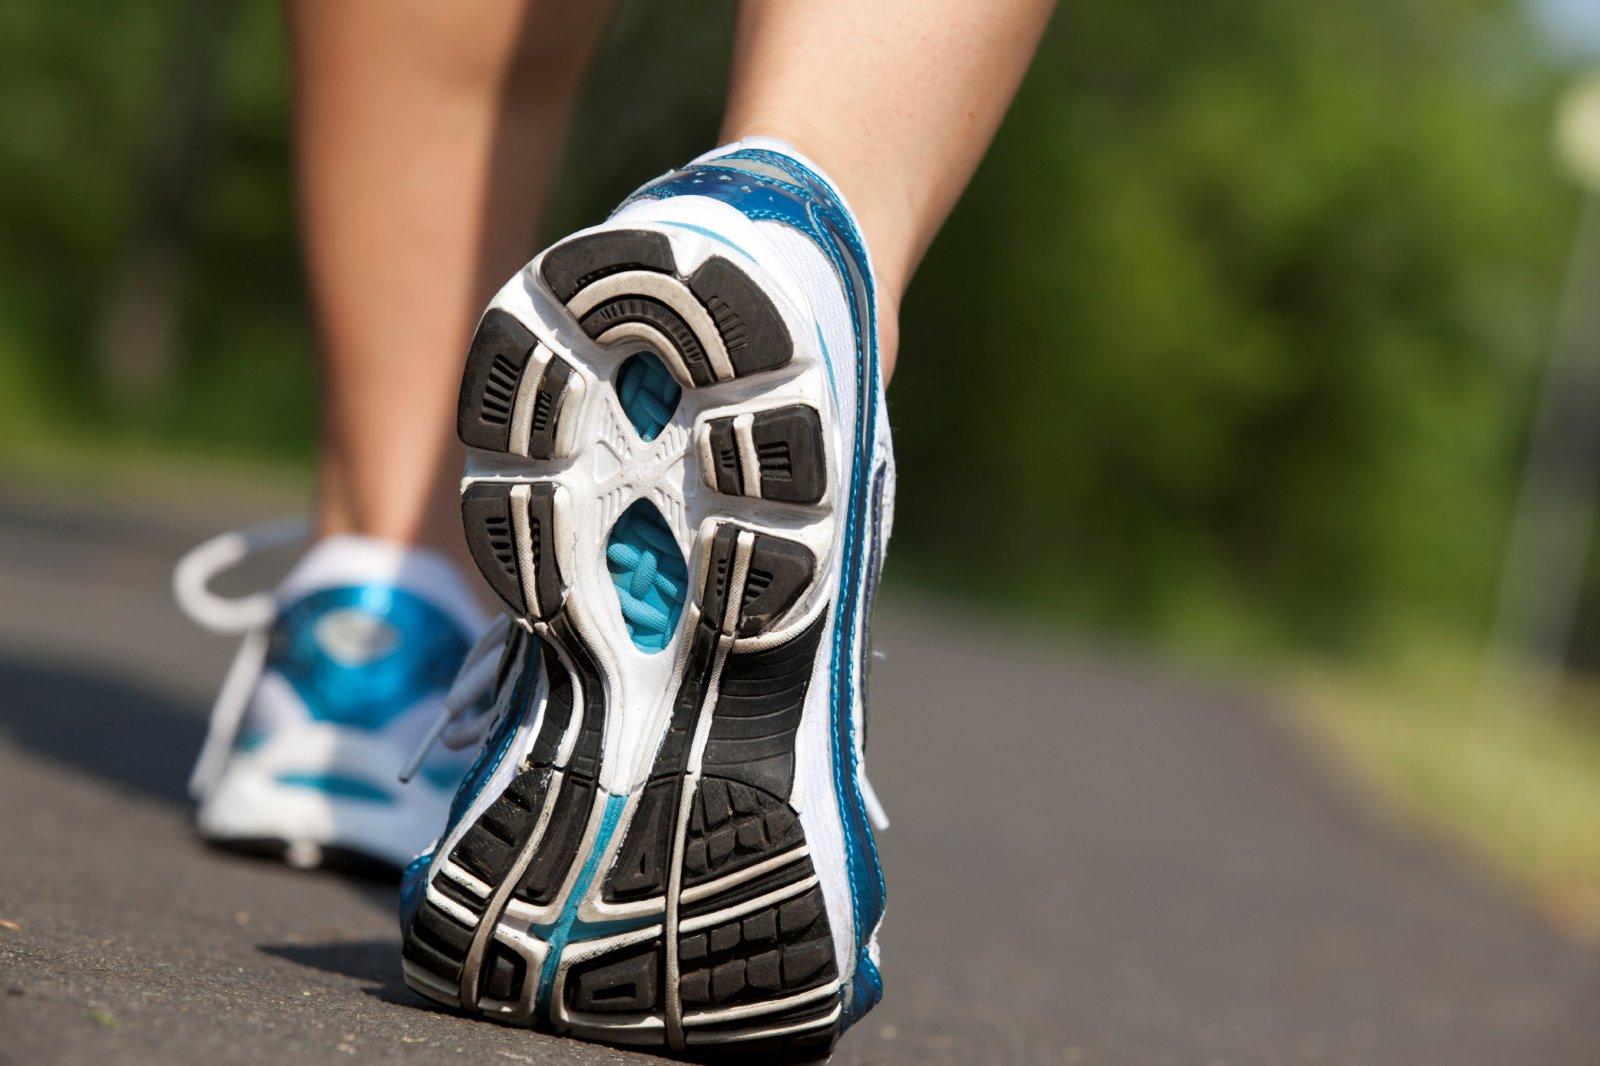 Подробная инструкция по выбору спортивной обуви для бега – фото (14)